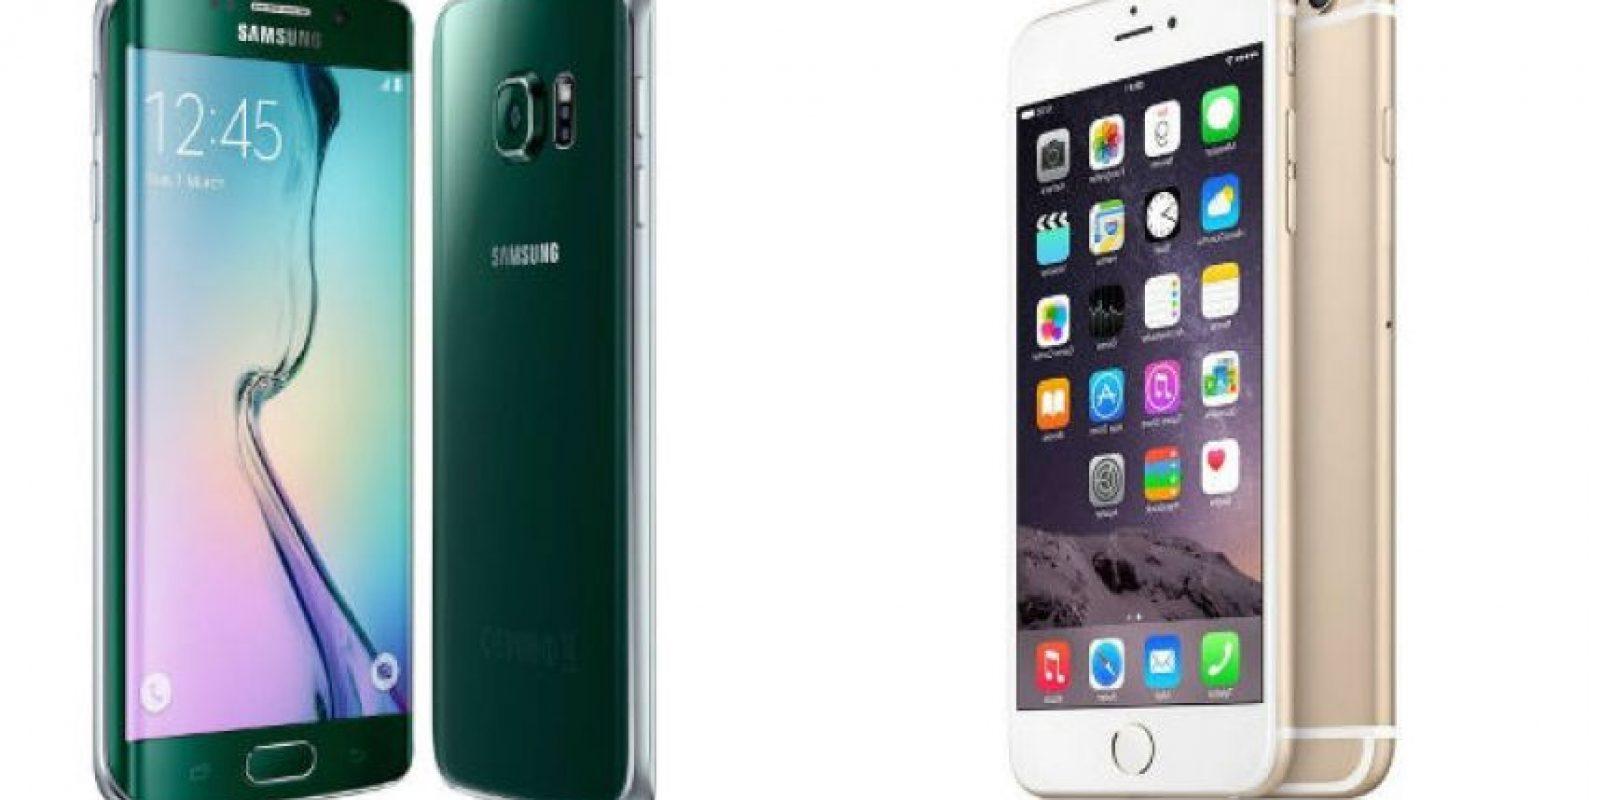 Samsung Galaxy S6 Edge quiere pelear el reinado del iPhone 6 Plus. Foto:Samsung / Apple